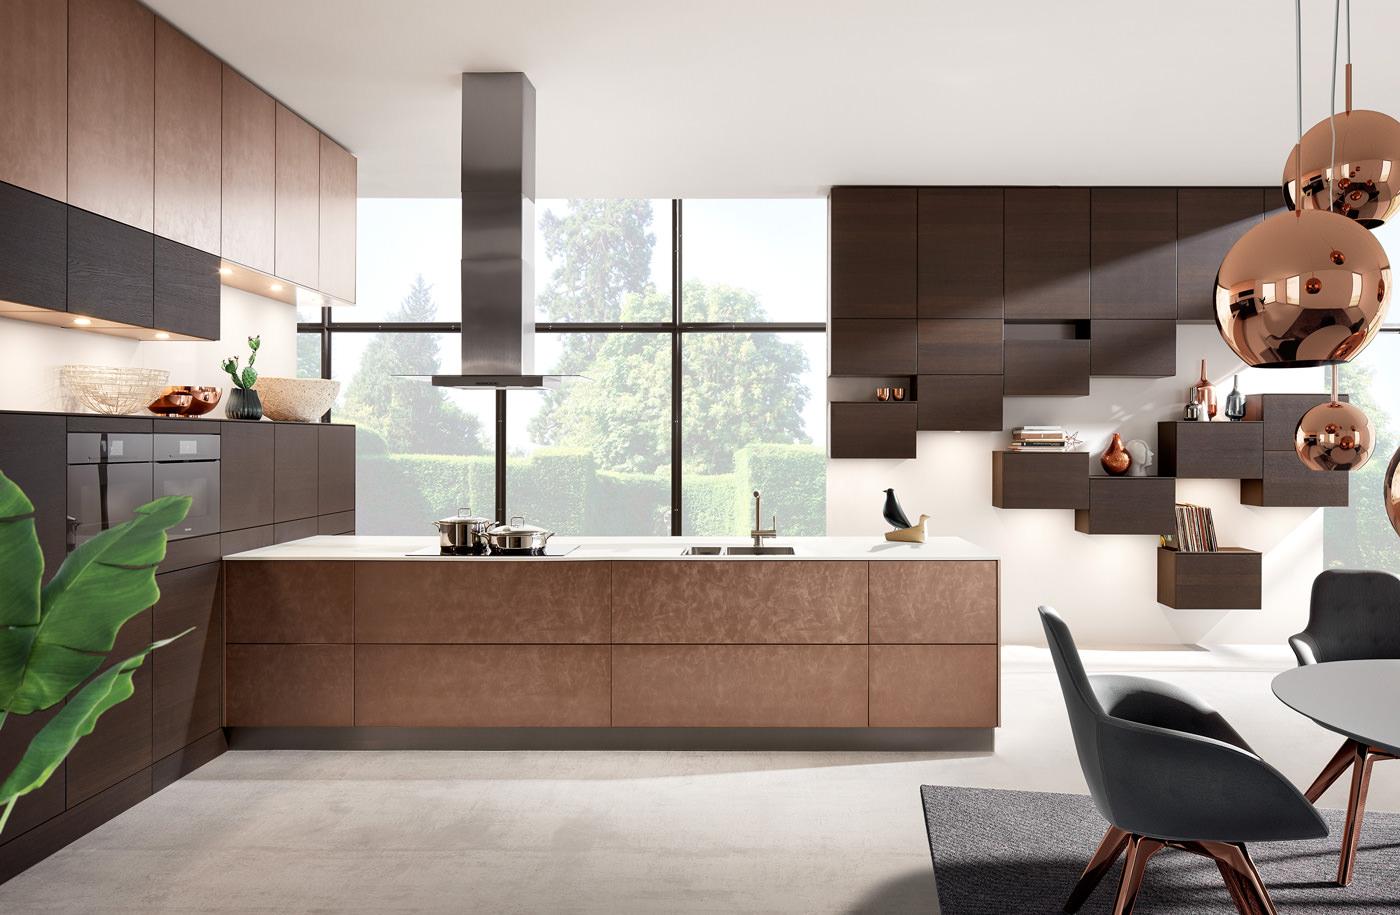 Ungewöhnlich Küche Essmöbeln Ideen Fotos - Küche Set Ideen ...